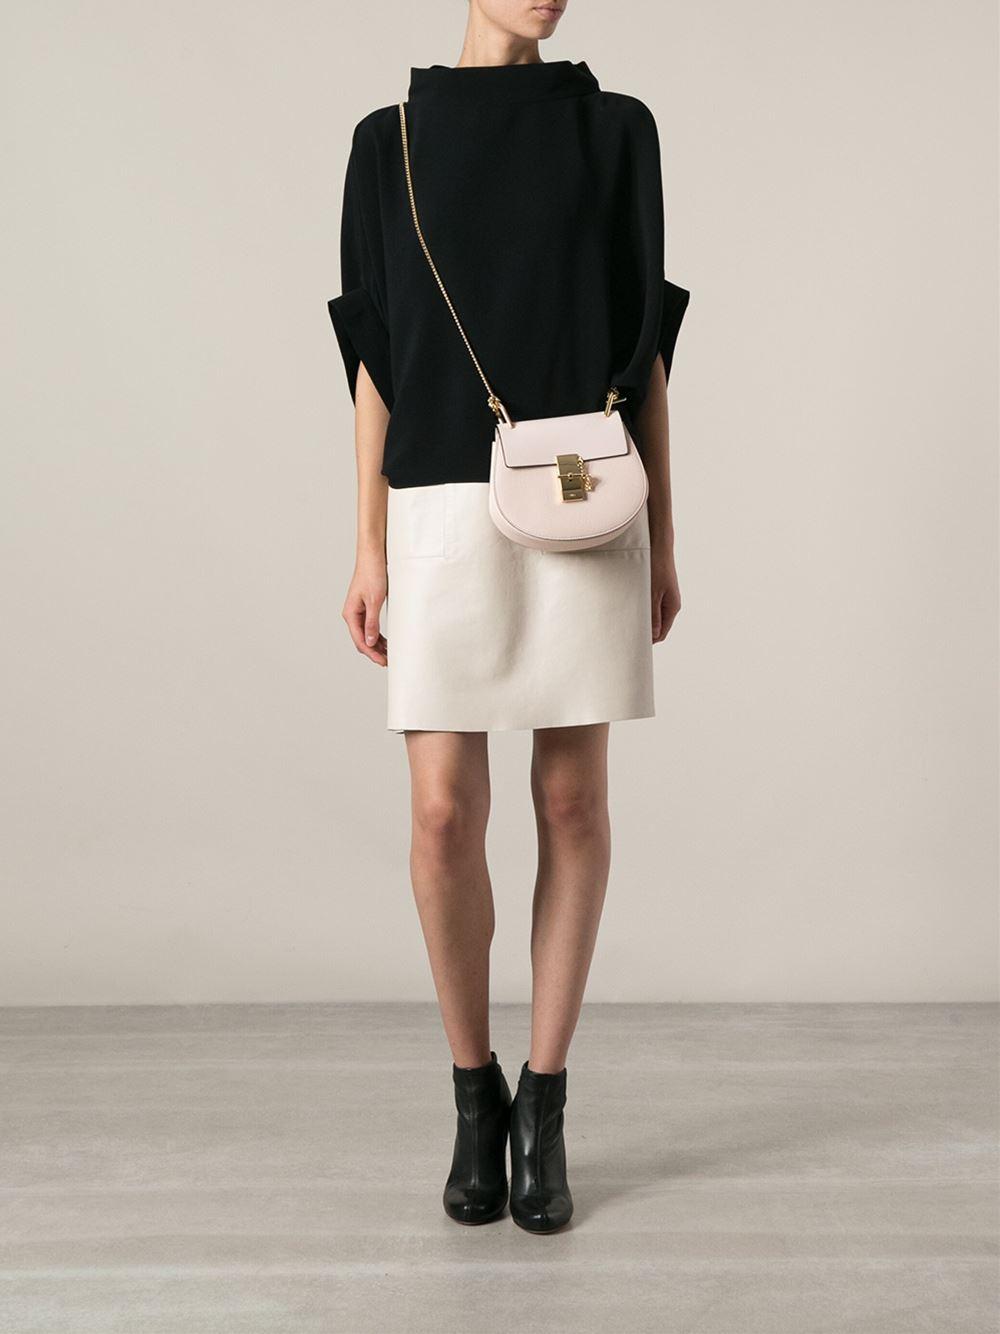 Lyst - Chloé Drew Shoulder Bag in Pink b497a86a59cdf